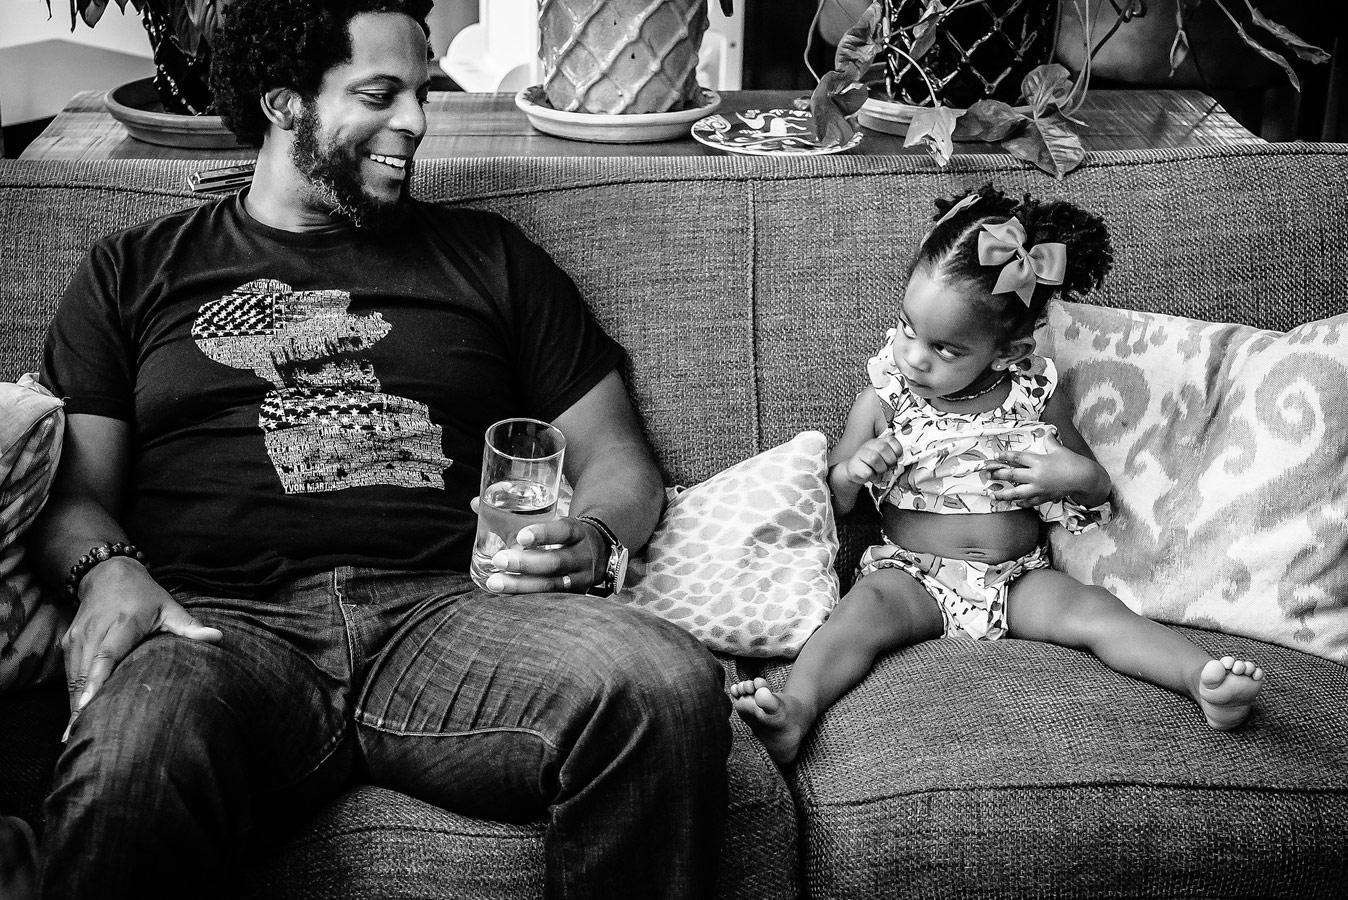 Кирт Бобб / Kirth Bobb, США, Финалист в категории «Семья», Фотоконкурс «Семья» — Rangefinder Family